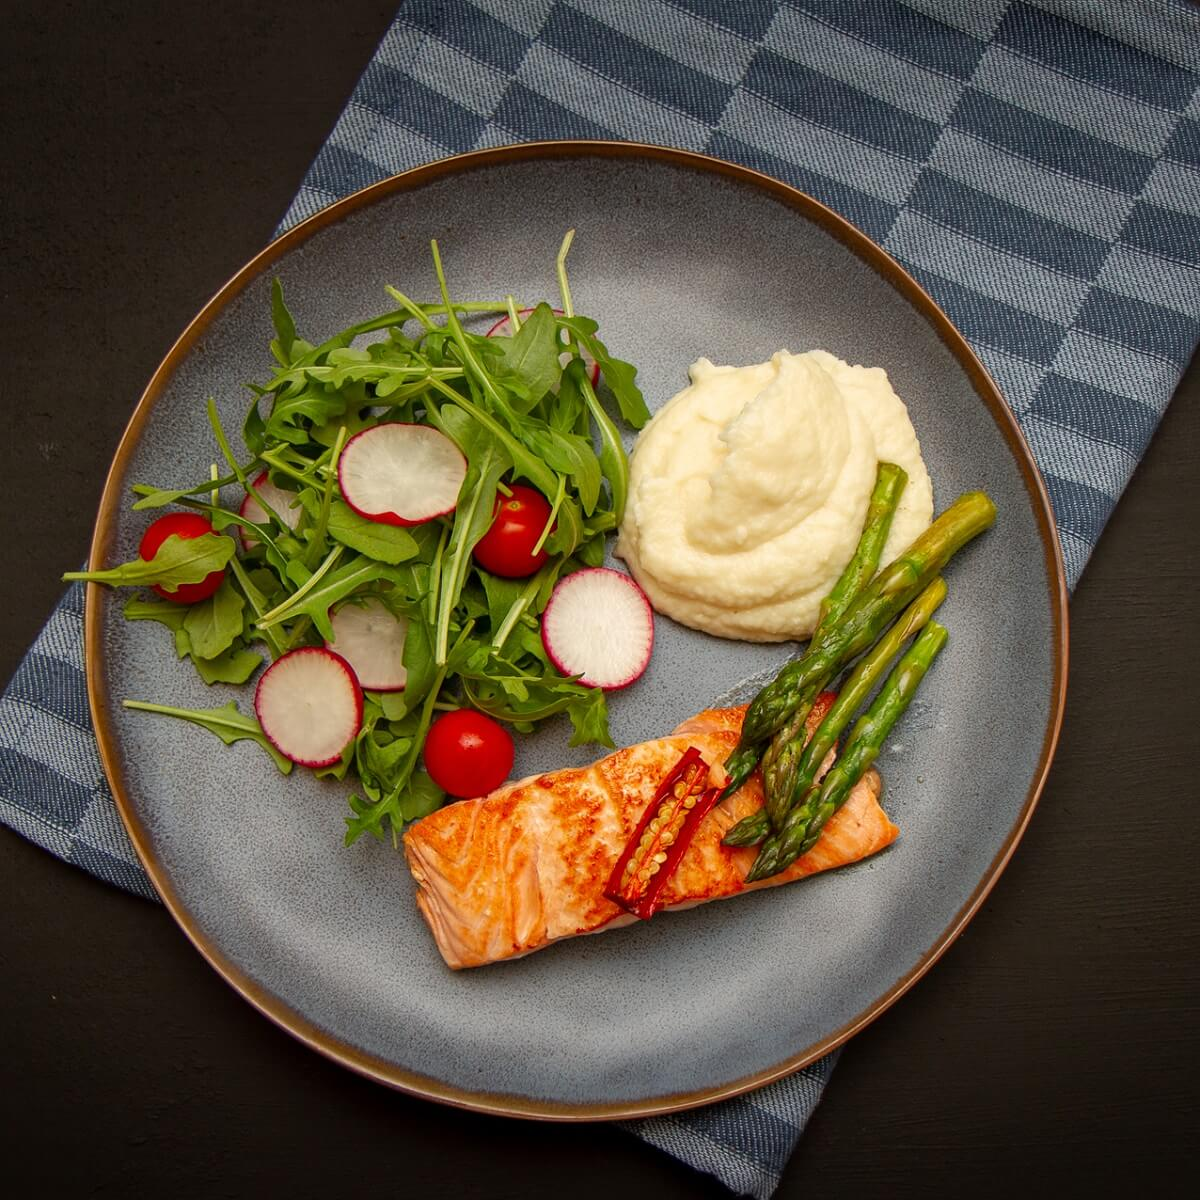 Pannestekt laks med pastinakkpure og asparges